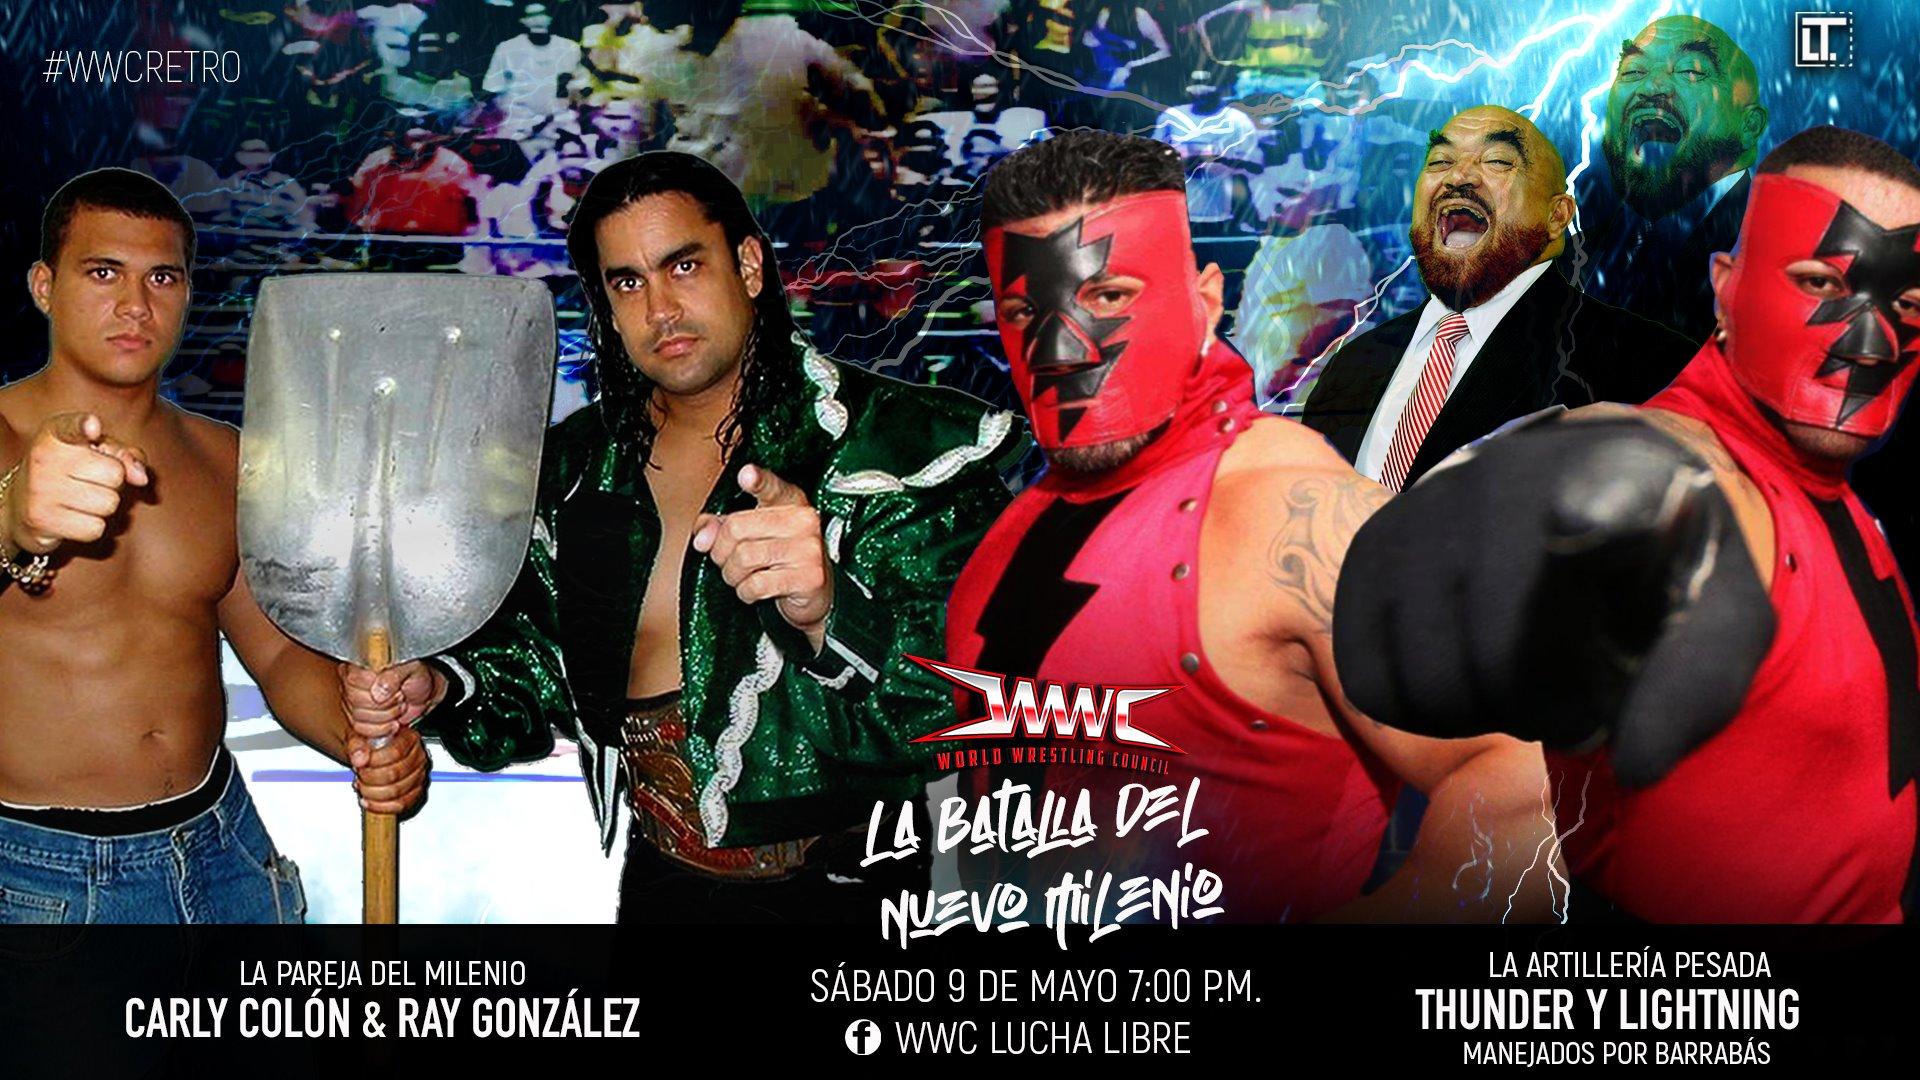 WWC presenta en su totalidad Aniversario 2009 - Máscara vs Cabellera entre Ray Gonzalez y La Pesadilla (Epico) 3